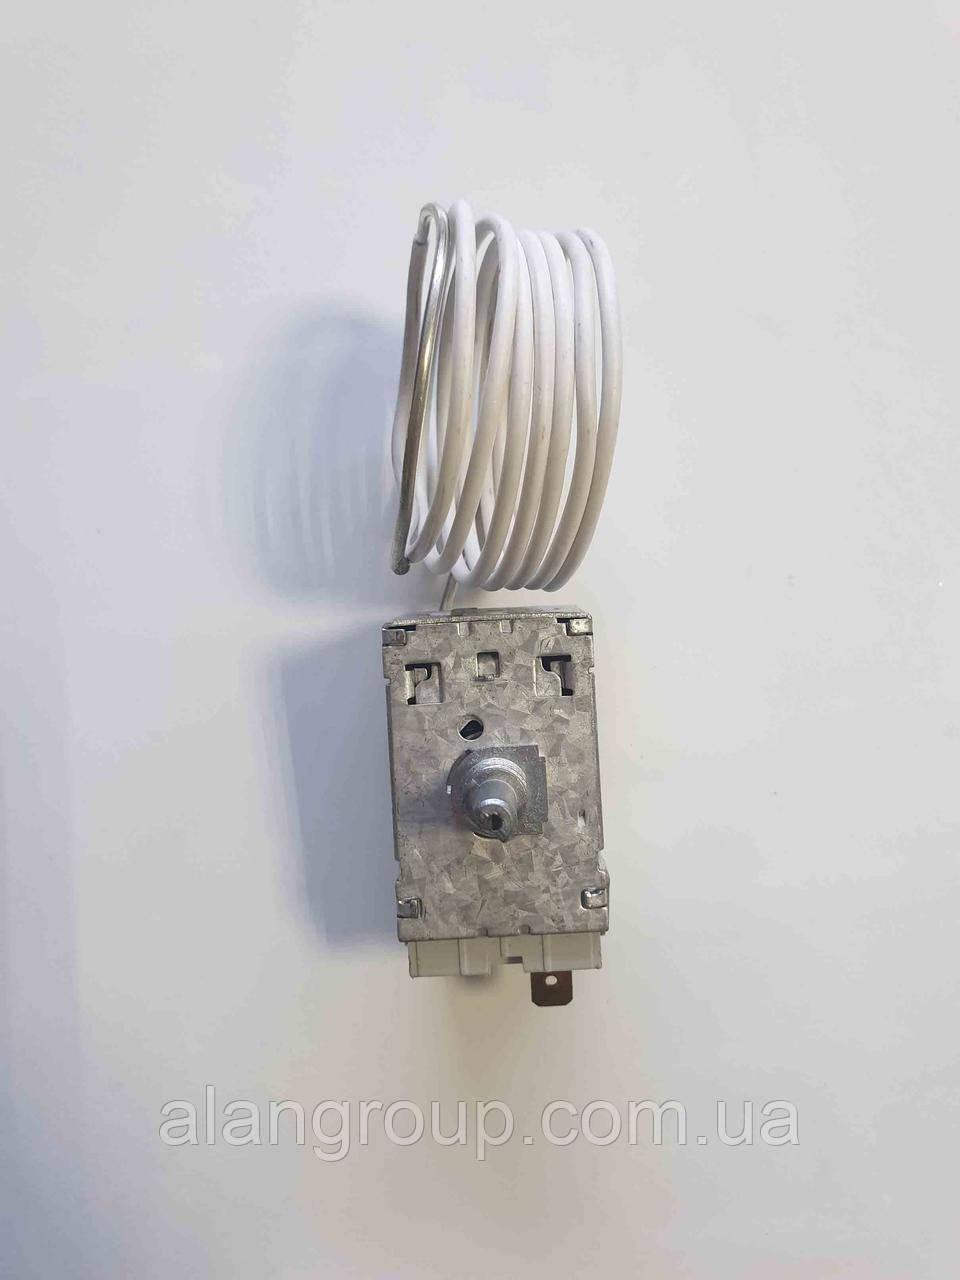 Термостат АТЕА А13-1000 (Whirpool)